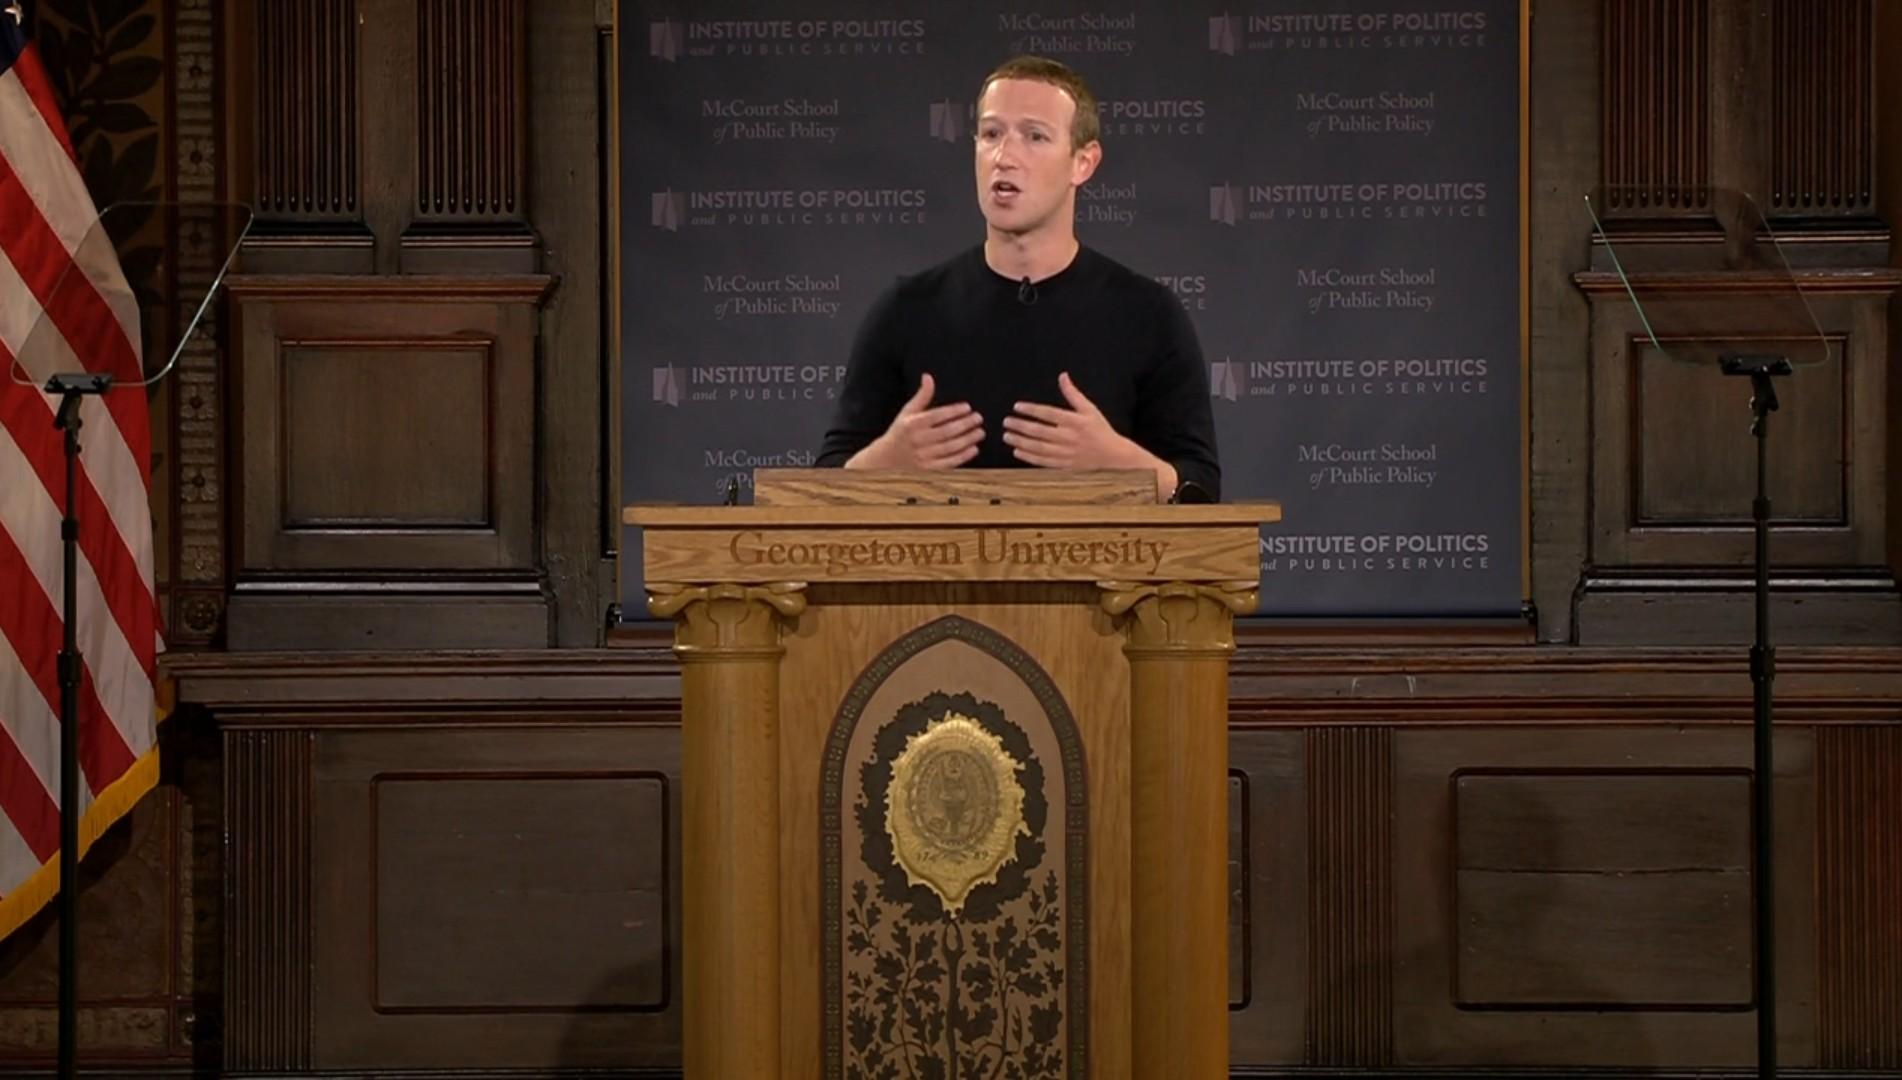 Zuckerberg defende Facebook por não remover anúncios políticos com mentiras, em discurso sobre liberdade de expressão - Notícias - Plantão Diário